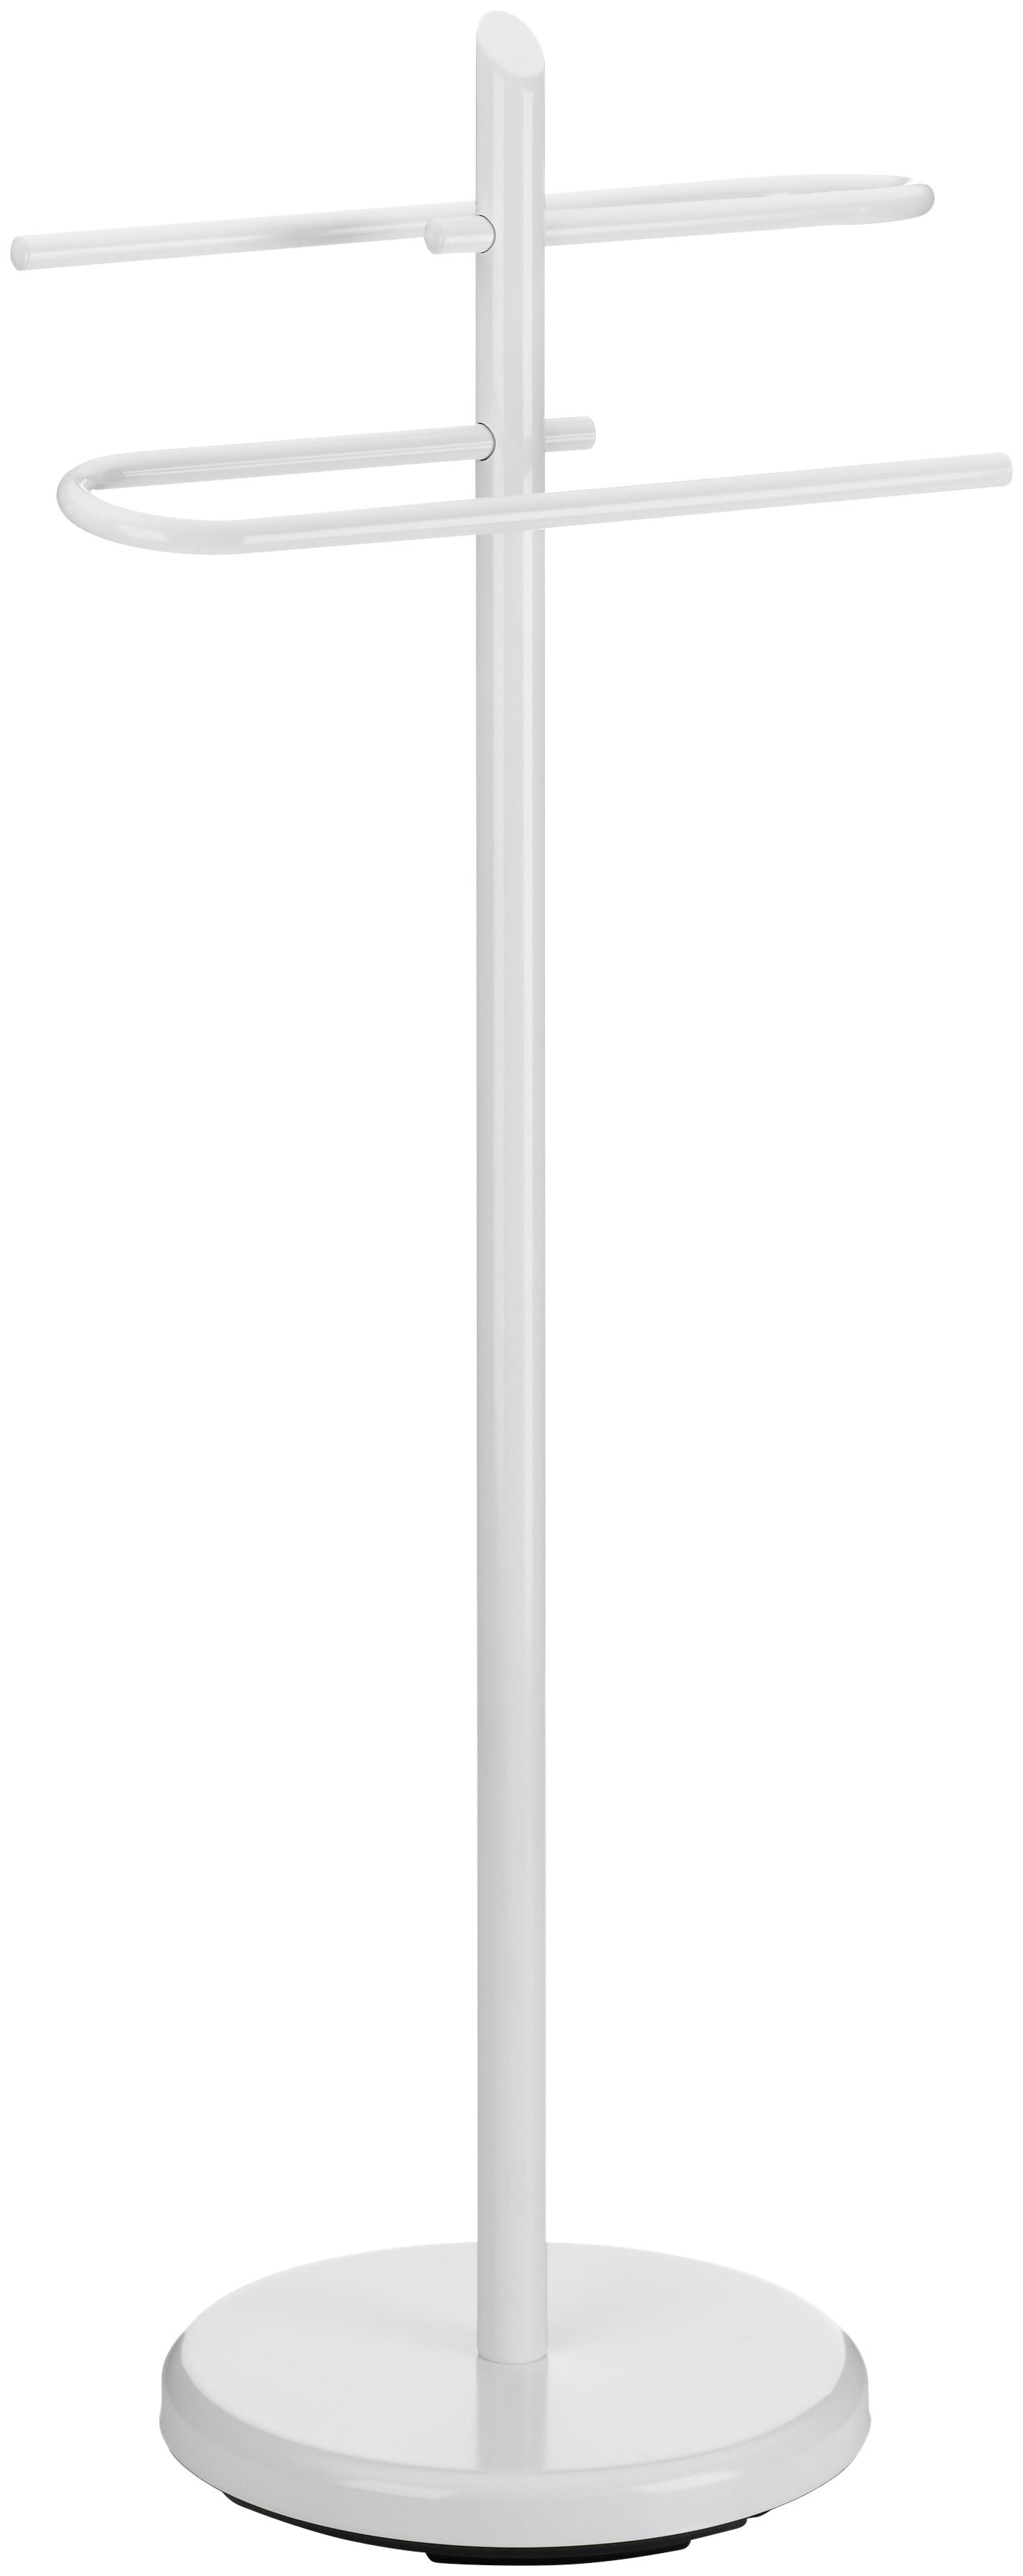 KELA Handtuchhalter Ken Metall Höhe 88 cm